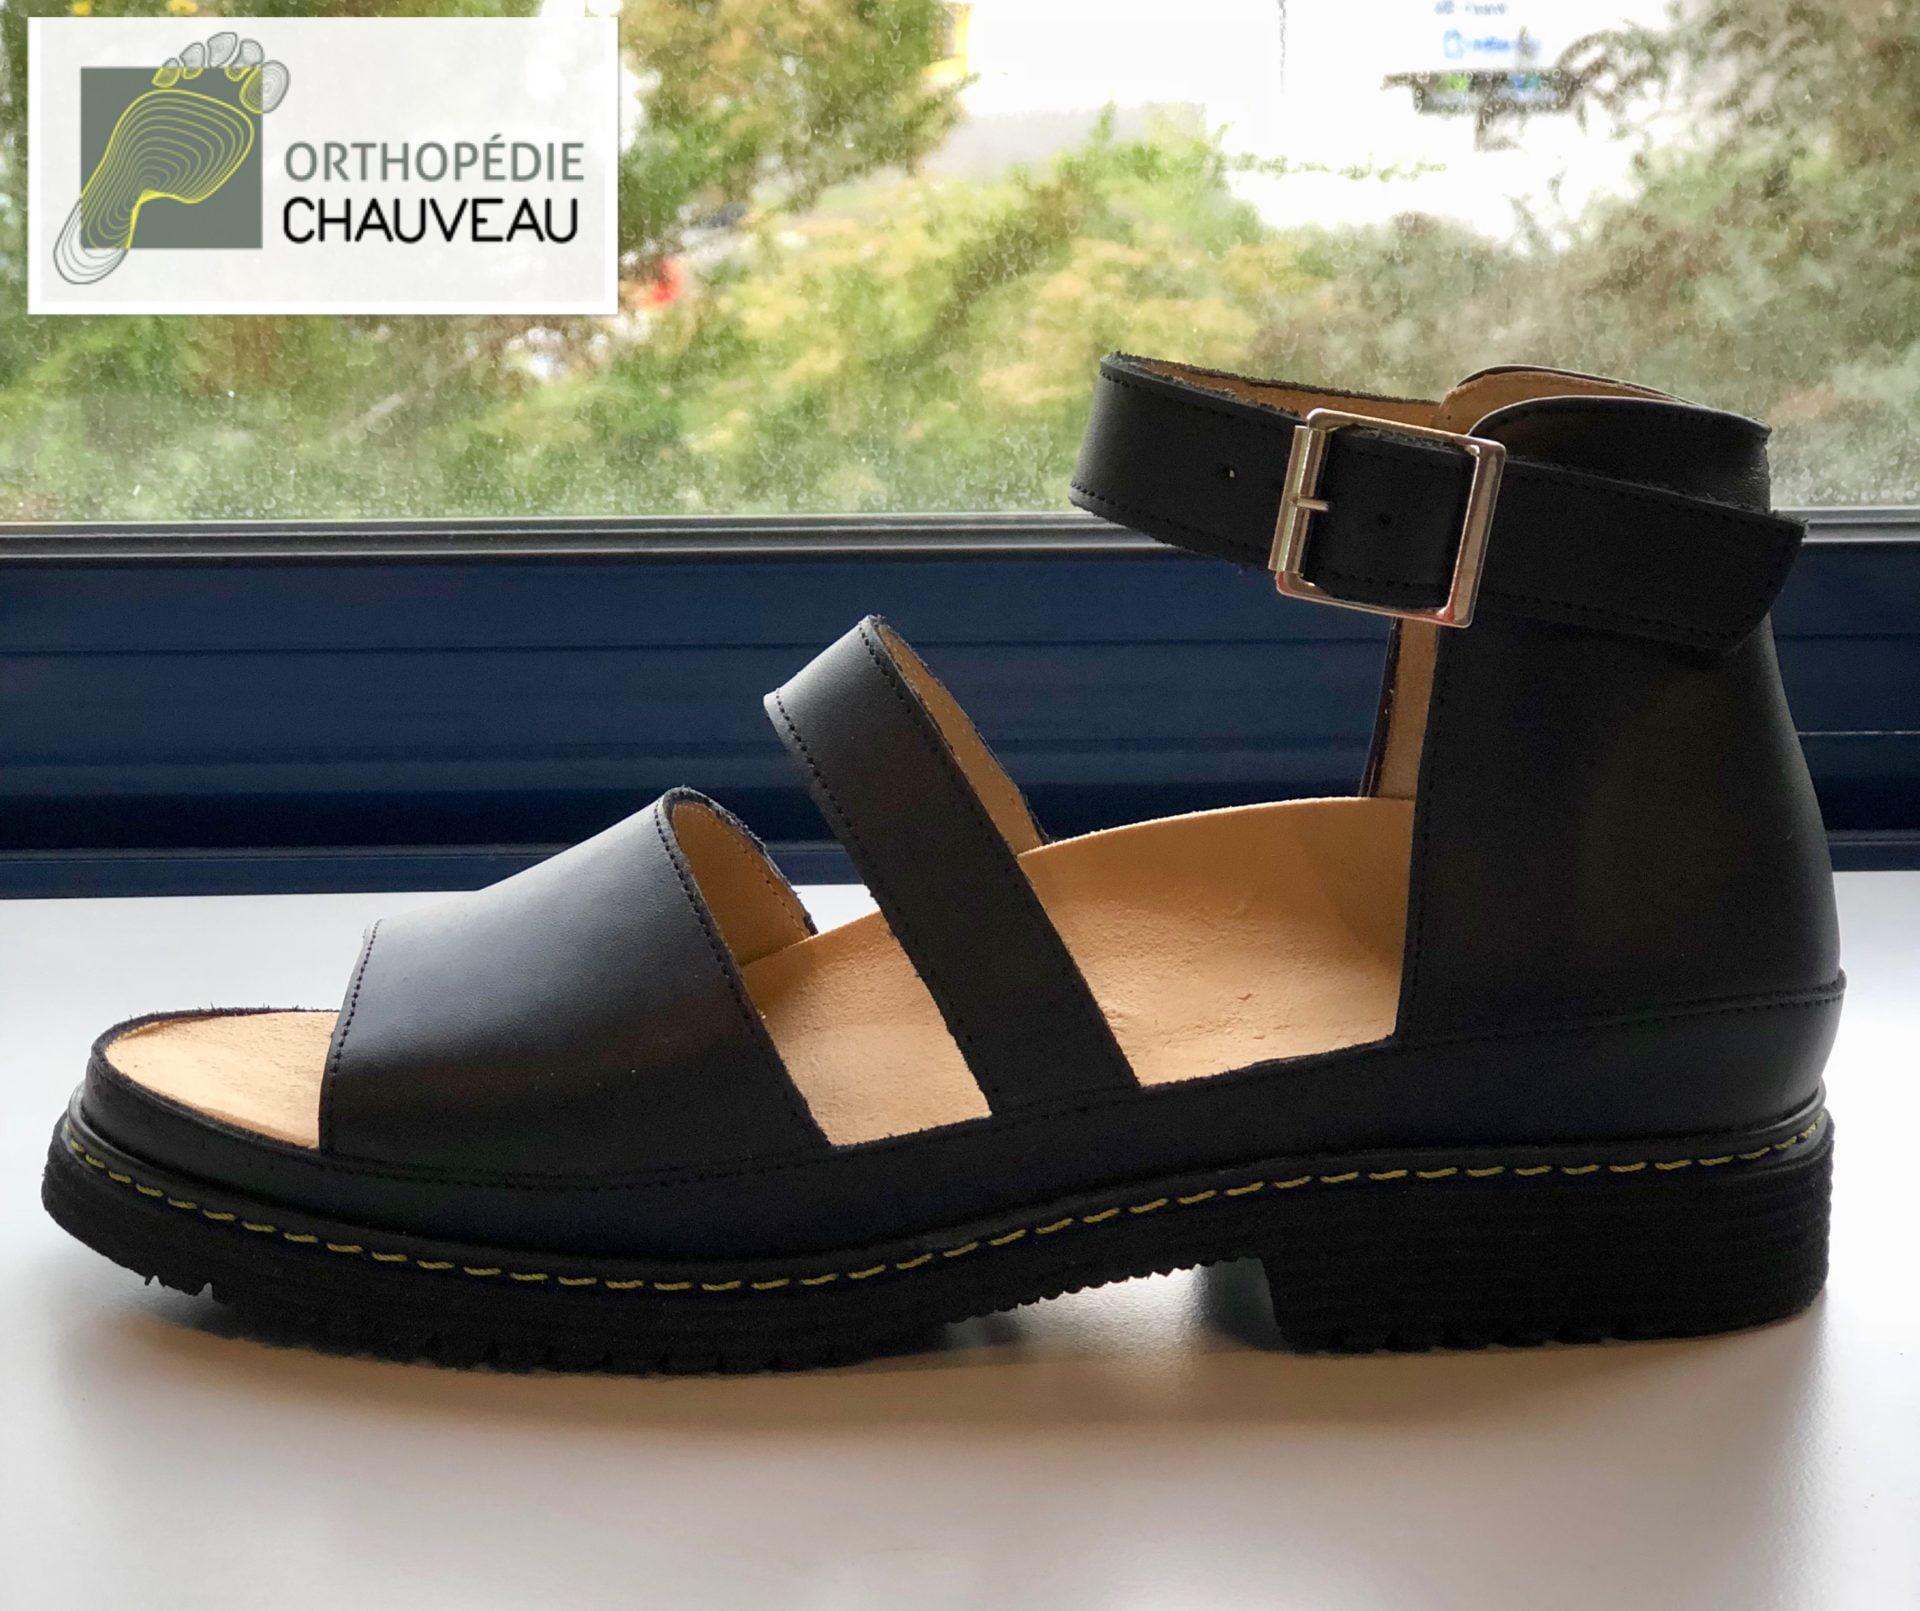 chaussures orthopediques Rennes saint malo été